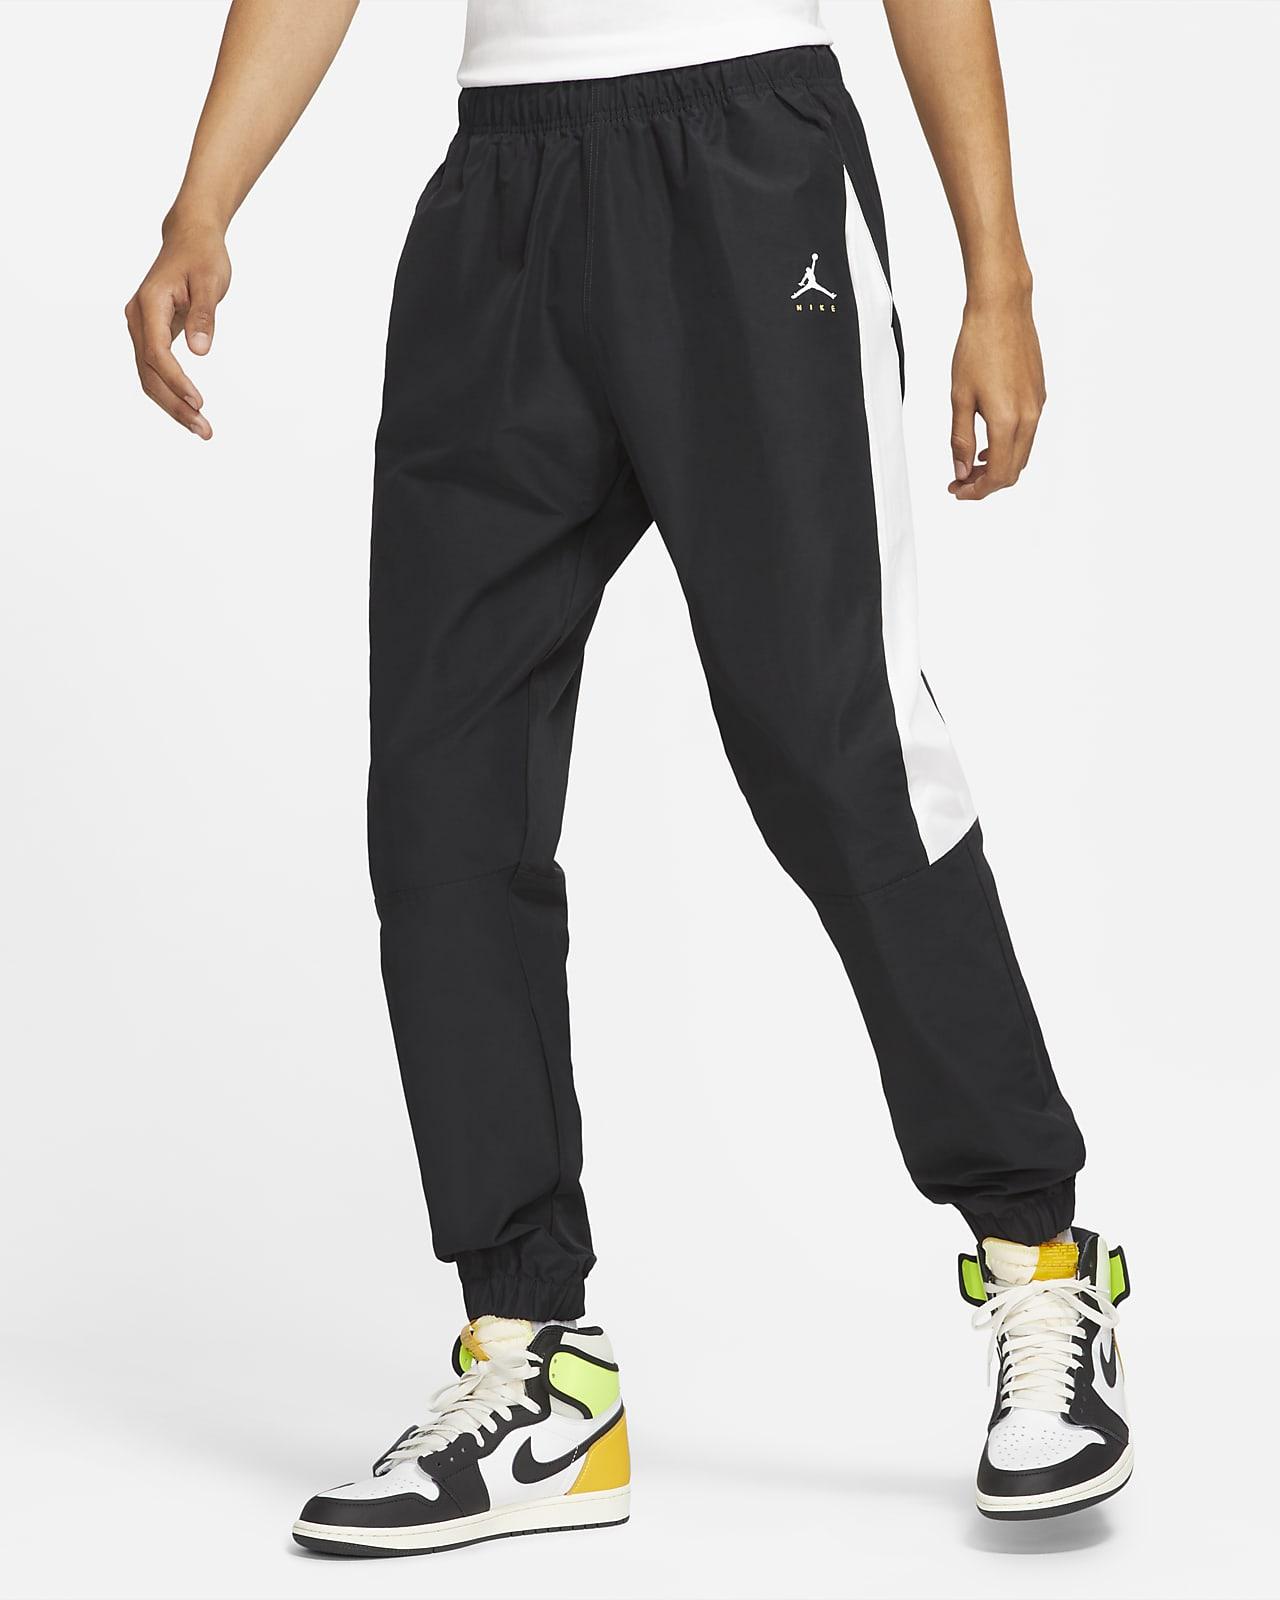 Pantalones tejidos para hombre Jordan Jumpman